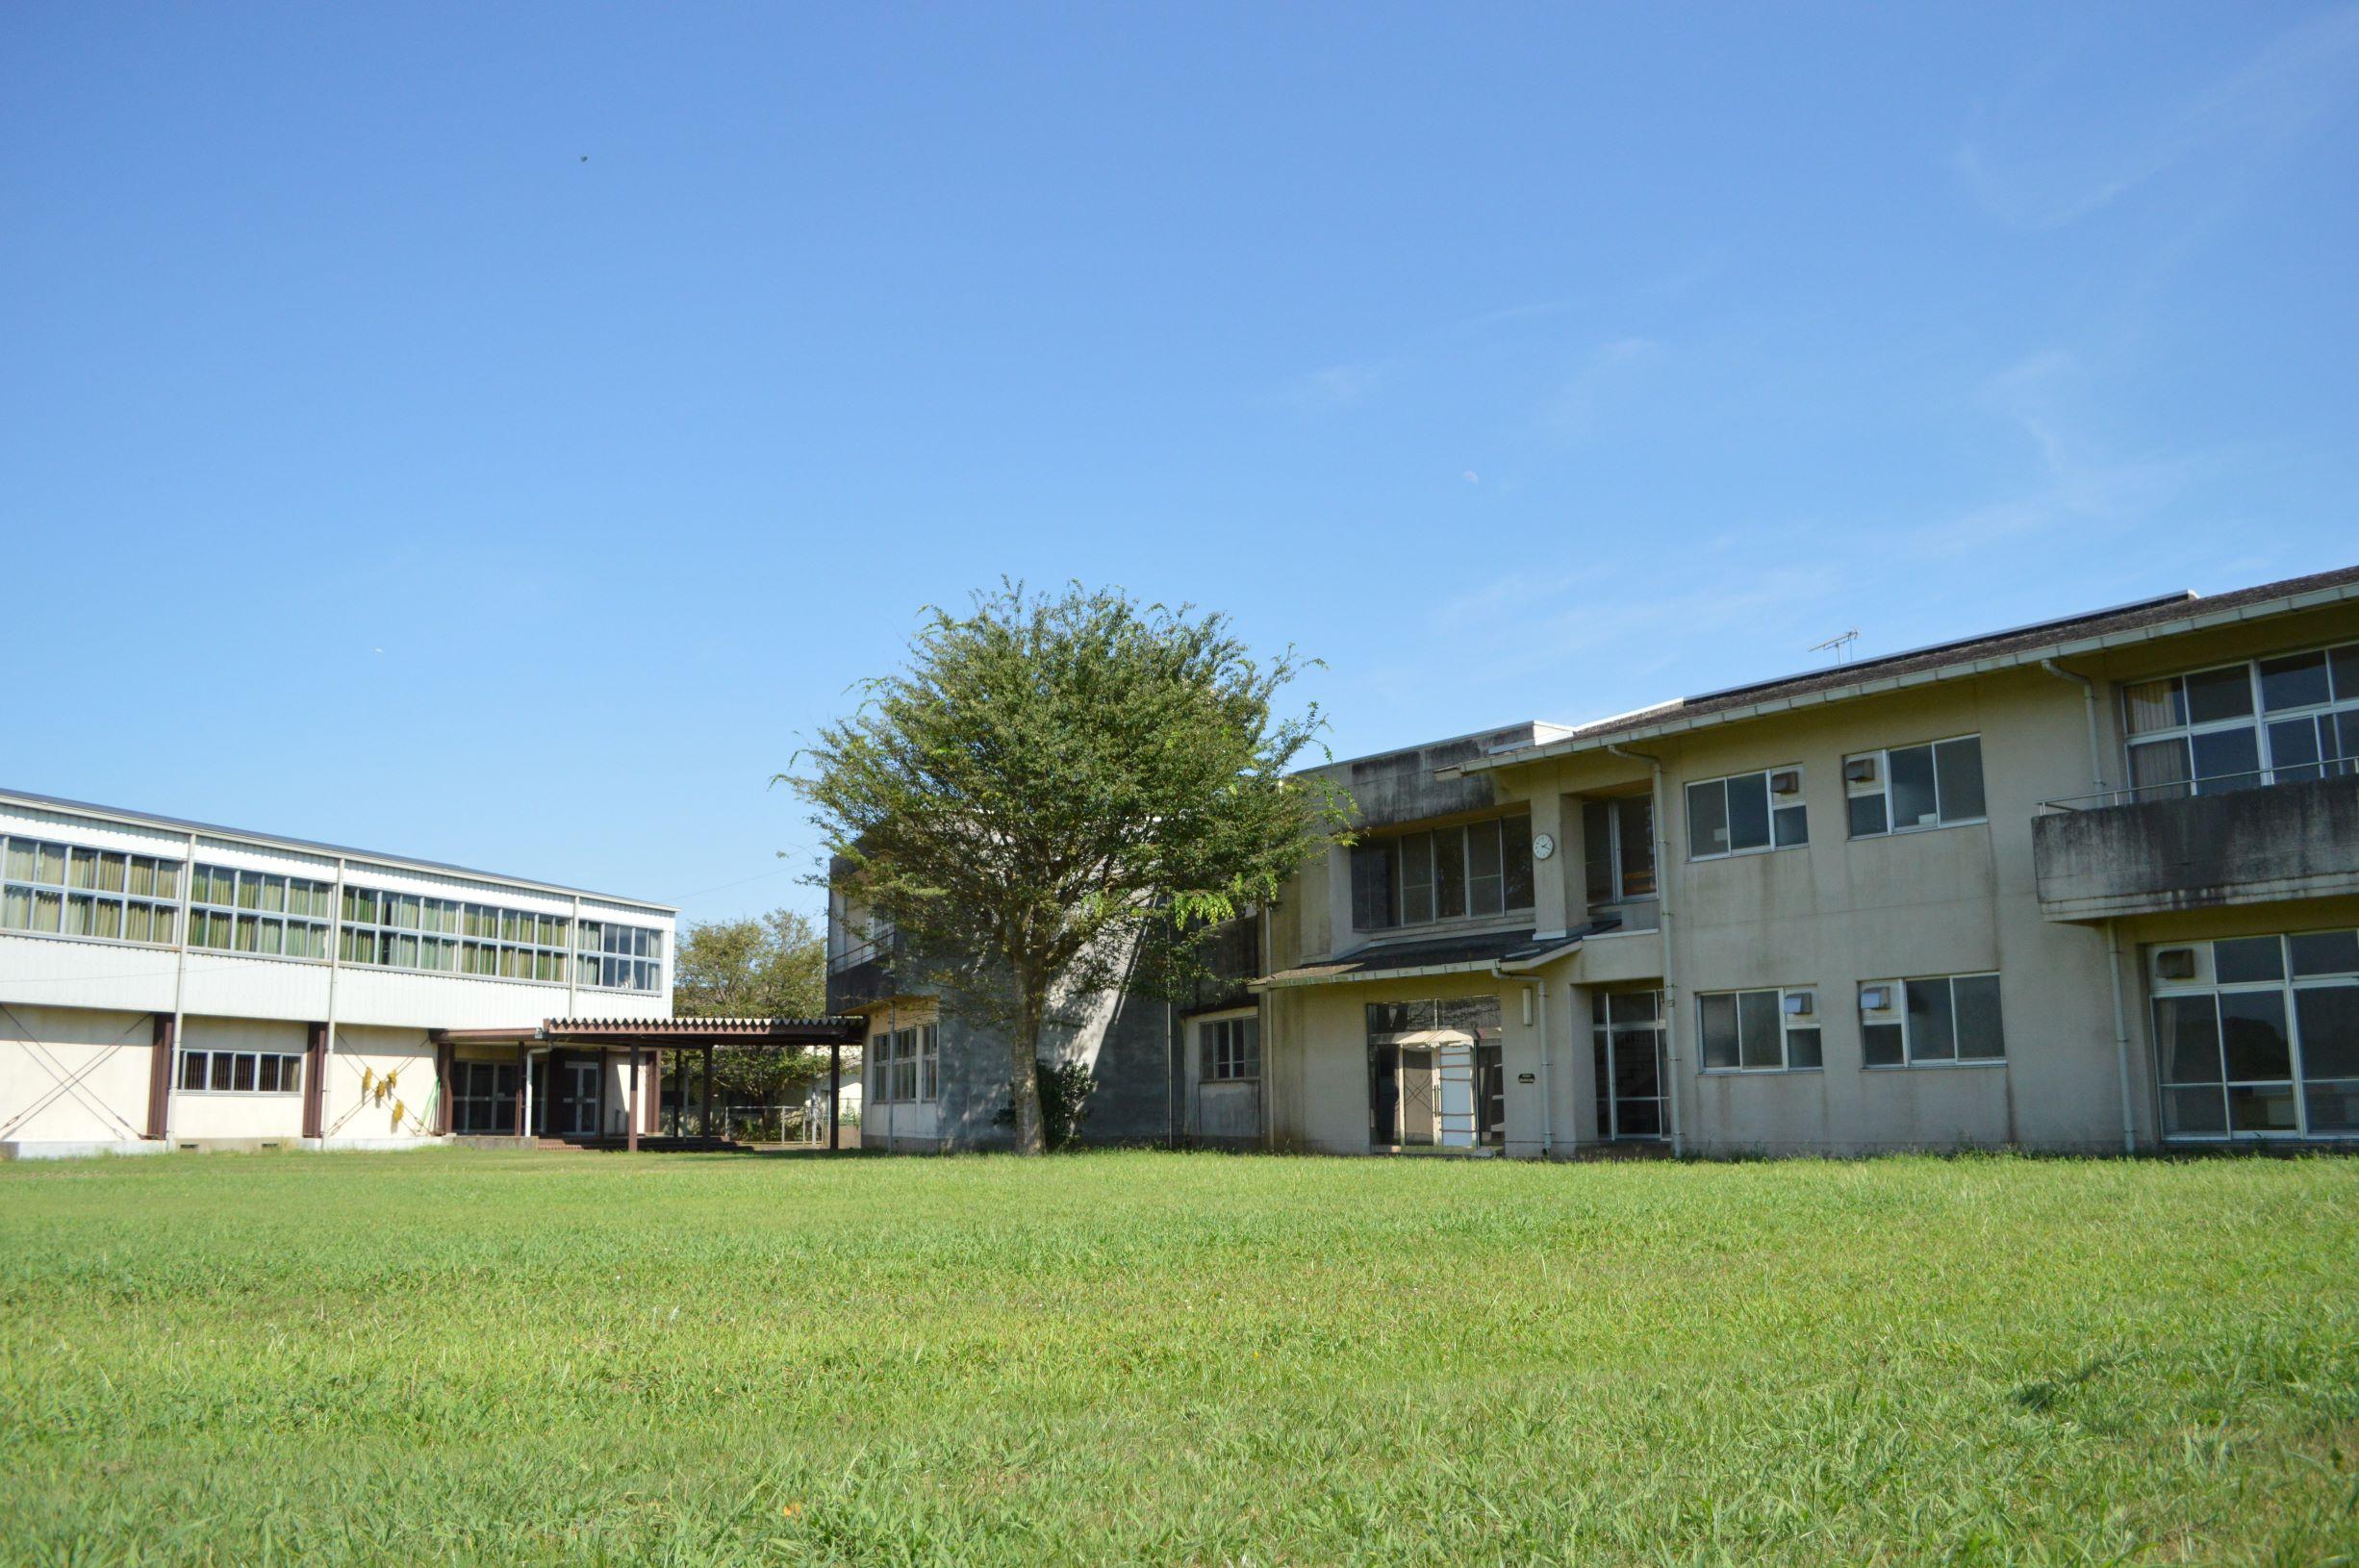 ちば銚子熱中小学校オフィシャルサイトを公開しました。